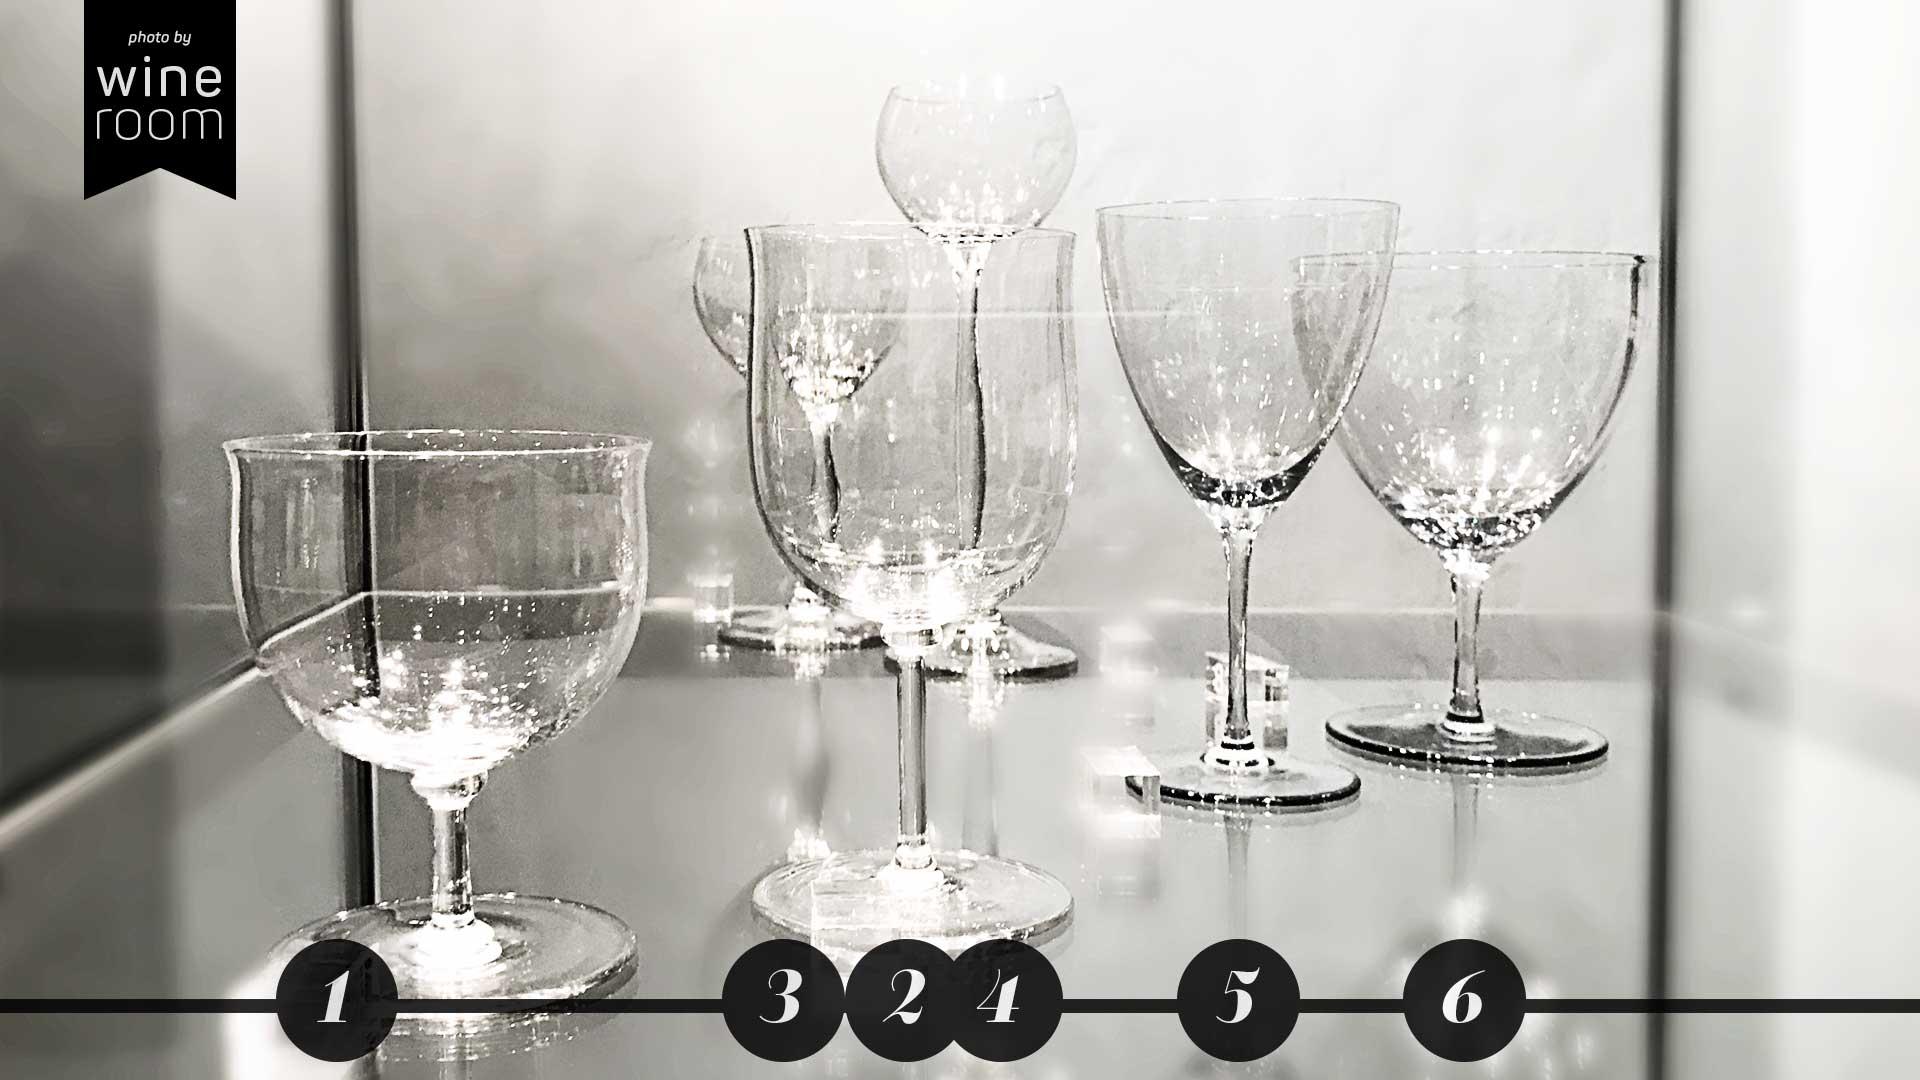 Weingläser aus 4 Jahrhunderten Sammlung Christian Jentsch: Gläser von Wilhelm Wagenfeld und Peter Behrens